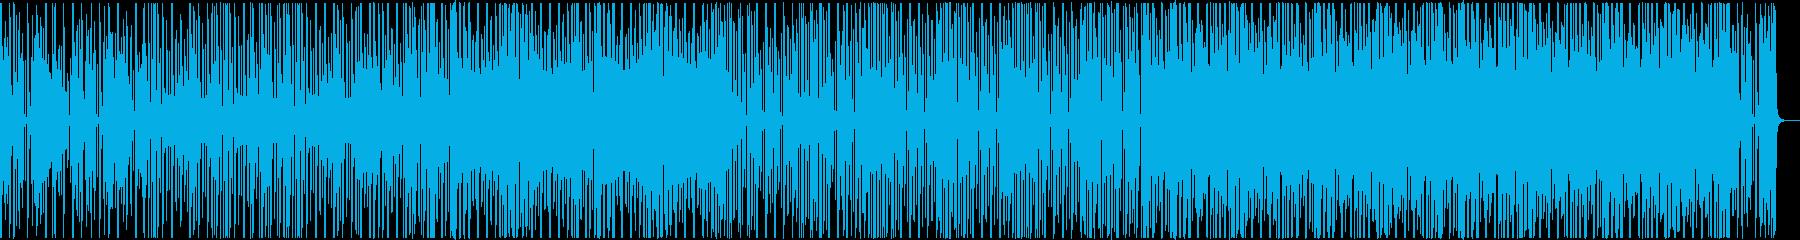 レゲエ研究所お祝い夏ビーチパーティ...の再生済みの波形